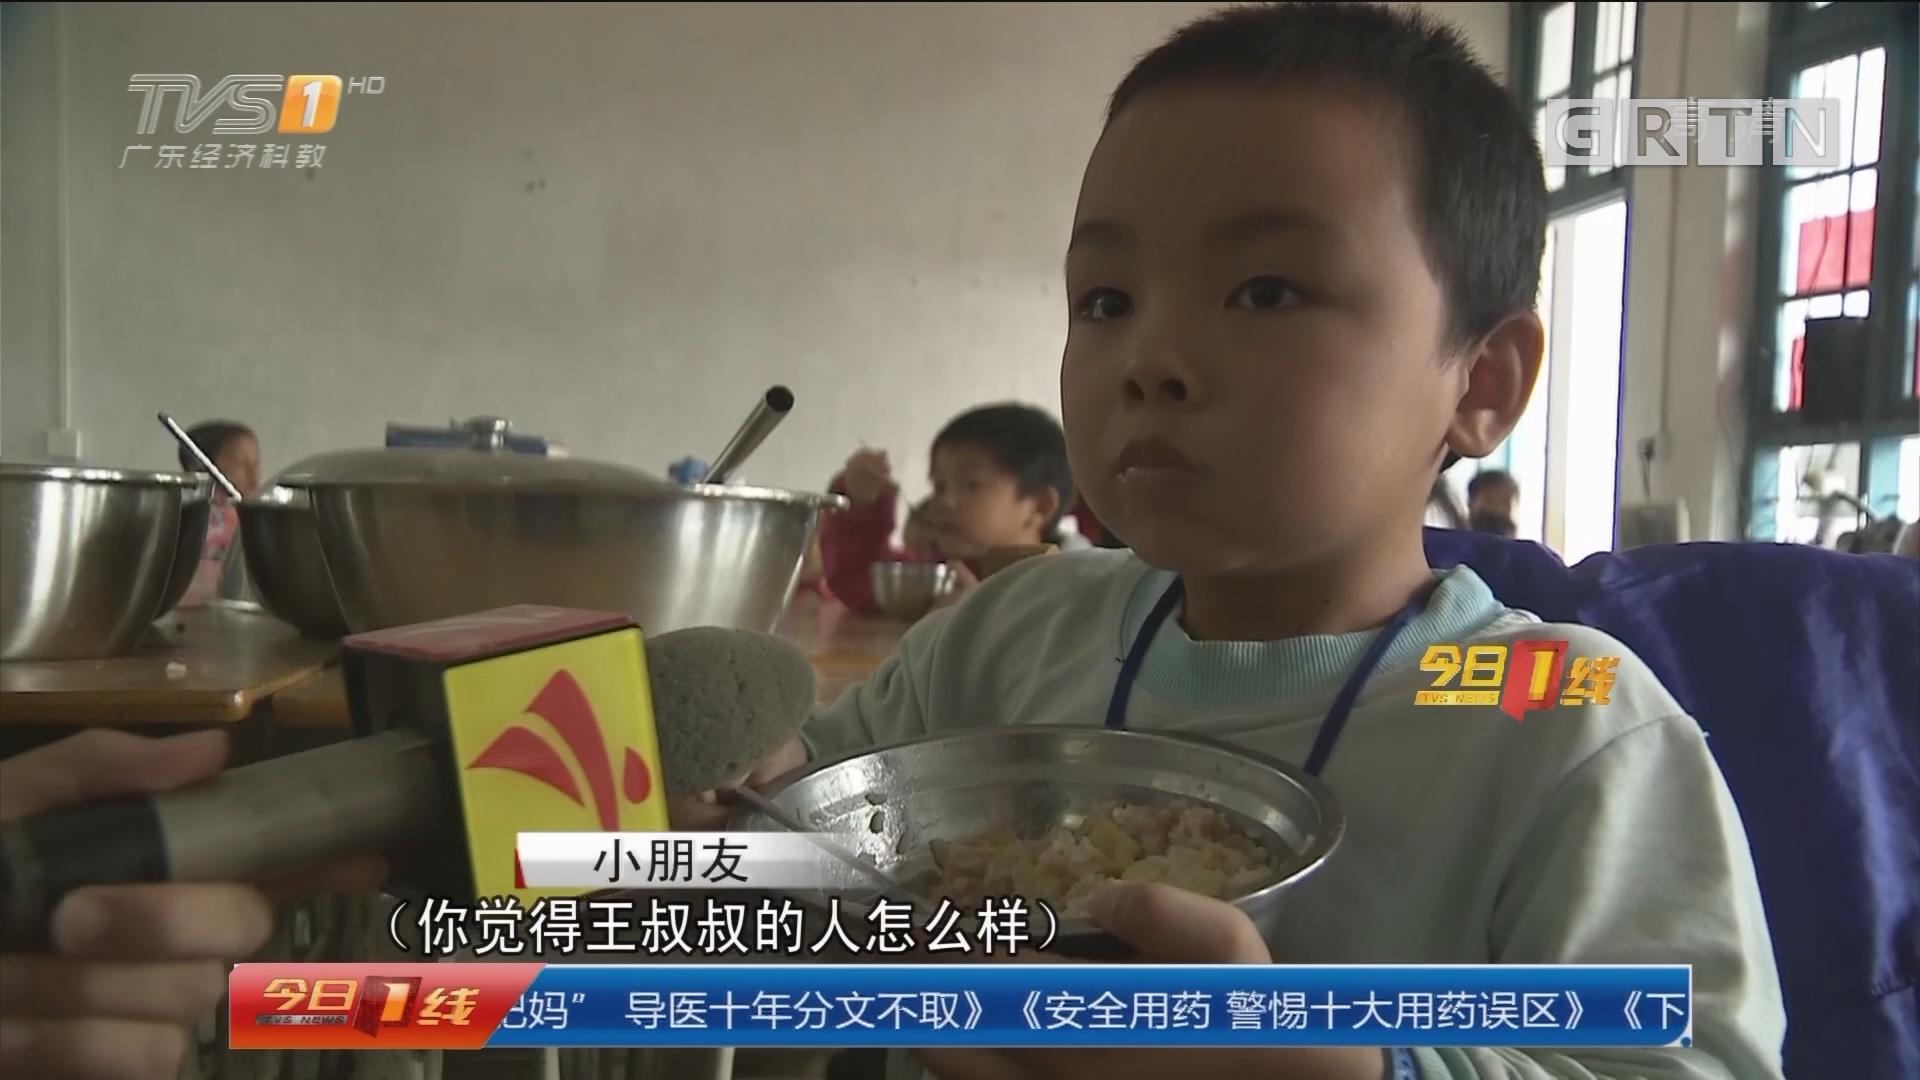 """系列专栏""""温度"""":清远阳山 爱心厨房 免费为留守学生提供午餐"""